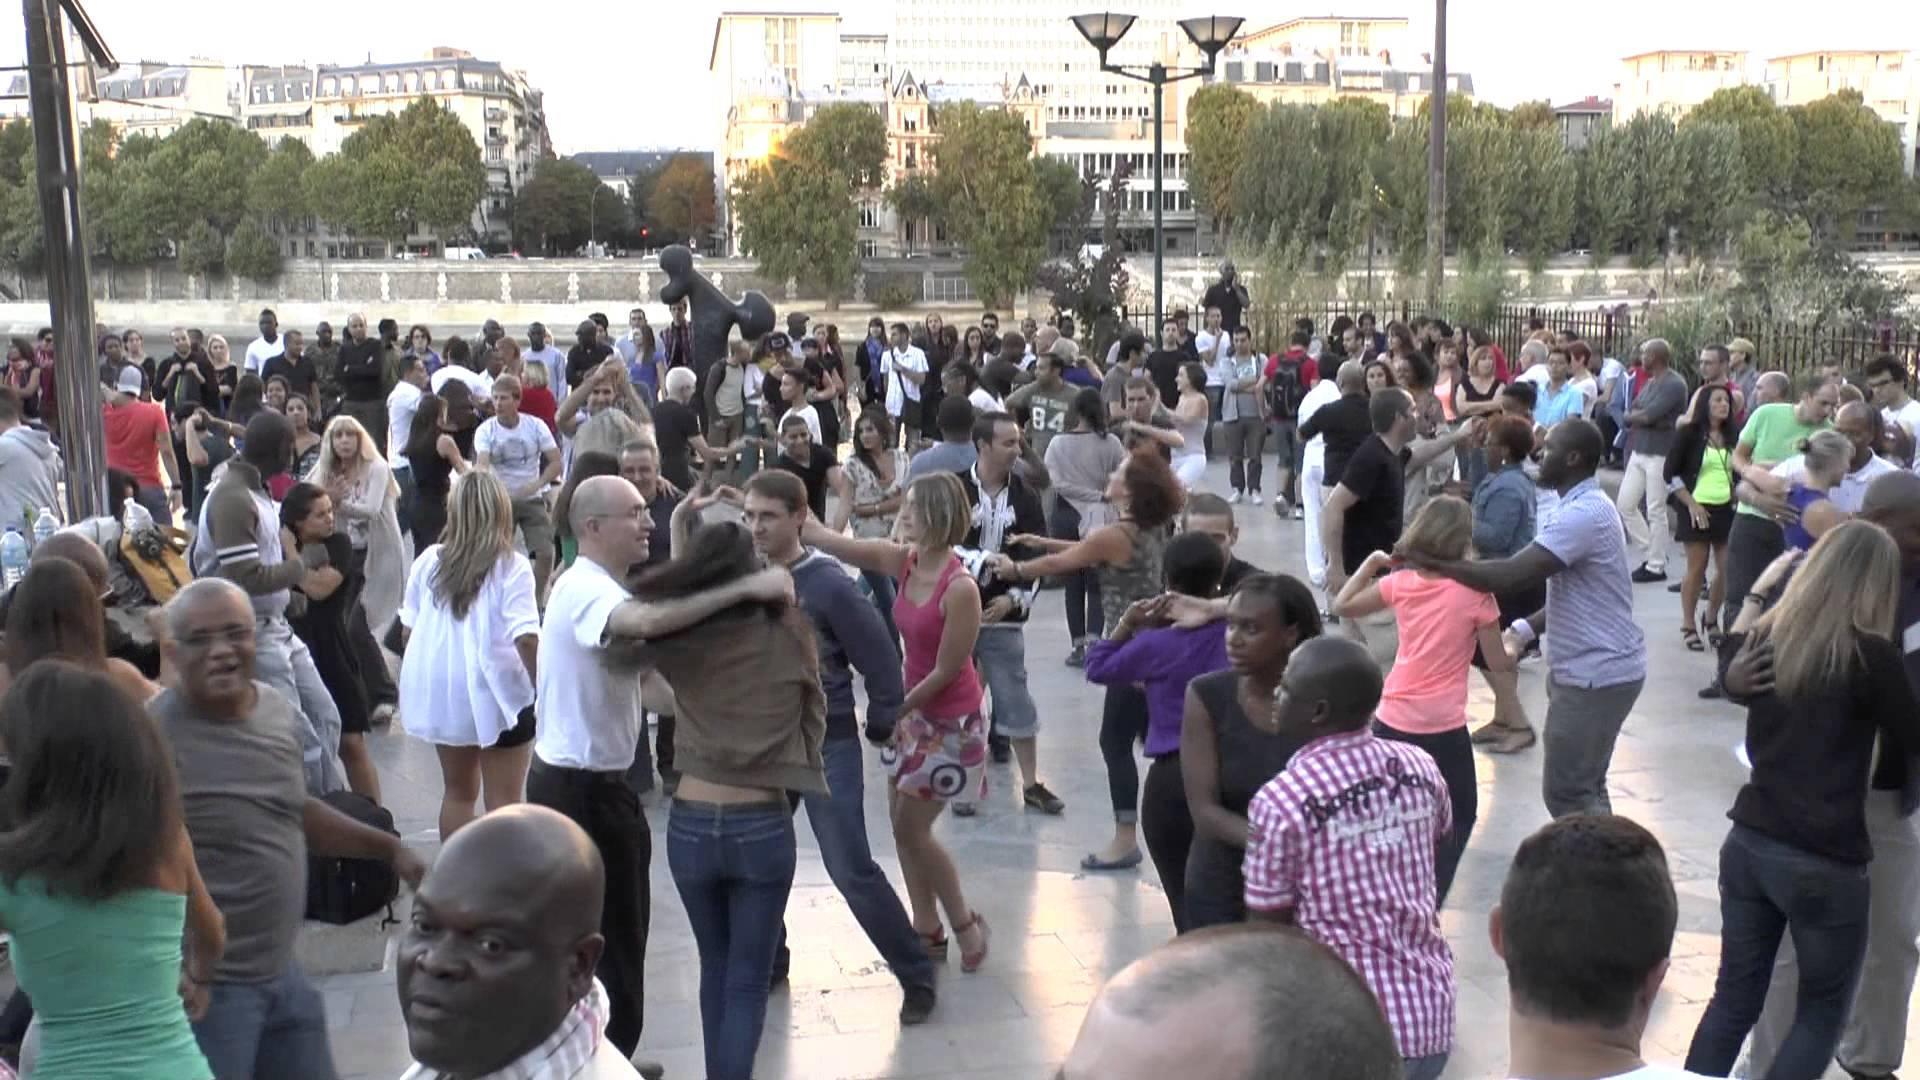 dansen-aan-de-seine-en-koffie-in-toulouse-naar-barcelona-zonder-vliegtuig